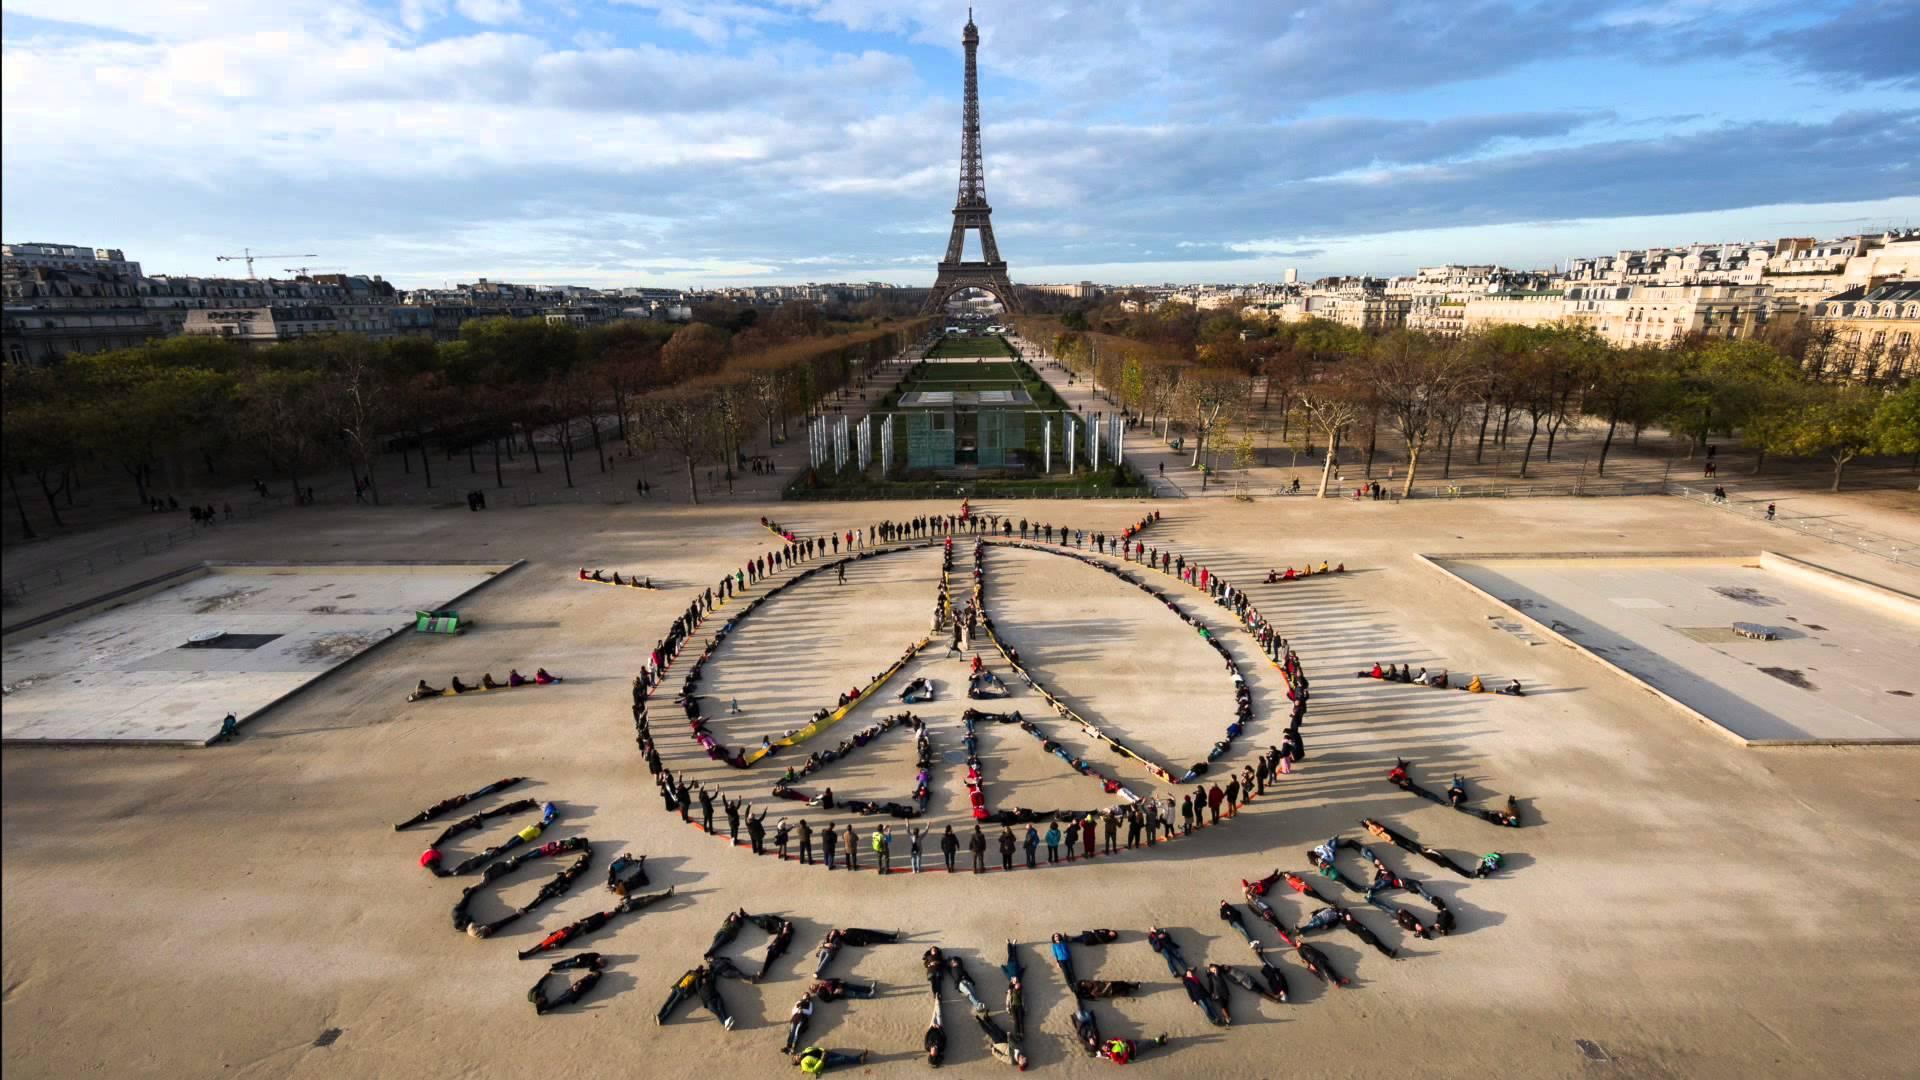 """""""100% rinnovabile"""". Installazione vivente per la pace e per la difesa dell ambiente ideata dall artista John Quigley in occasione della conferenza COP21. Immagine ripresa da Greenpeace."""